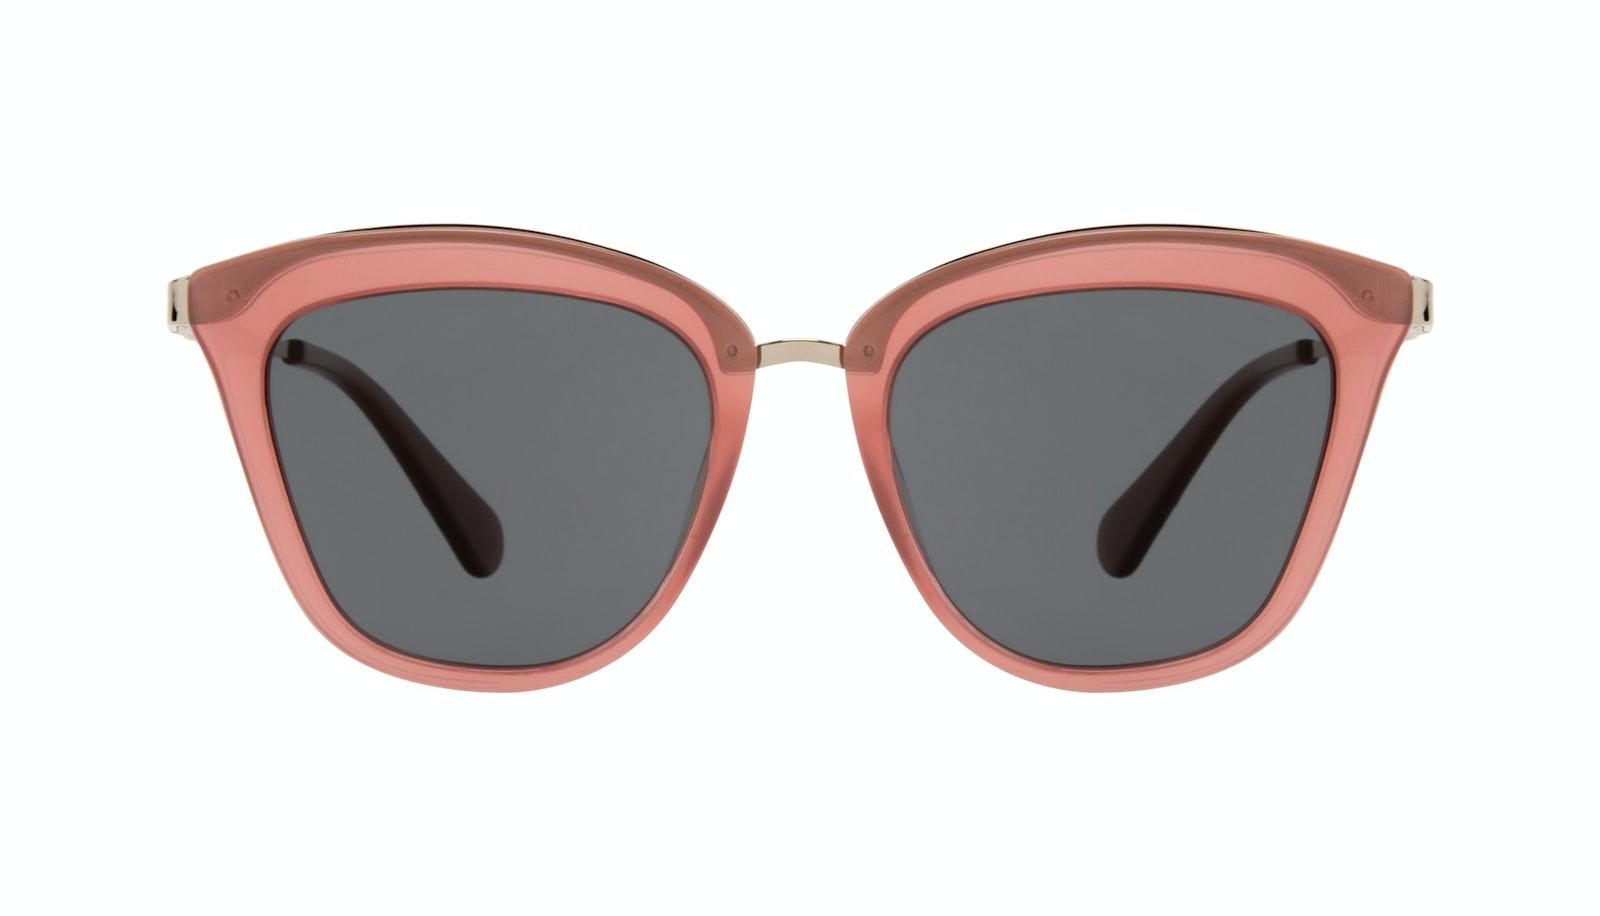 fd1ad32215f Lunettes tendance Oeil de chat Lunettes de soleil Femmes More Petite Red